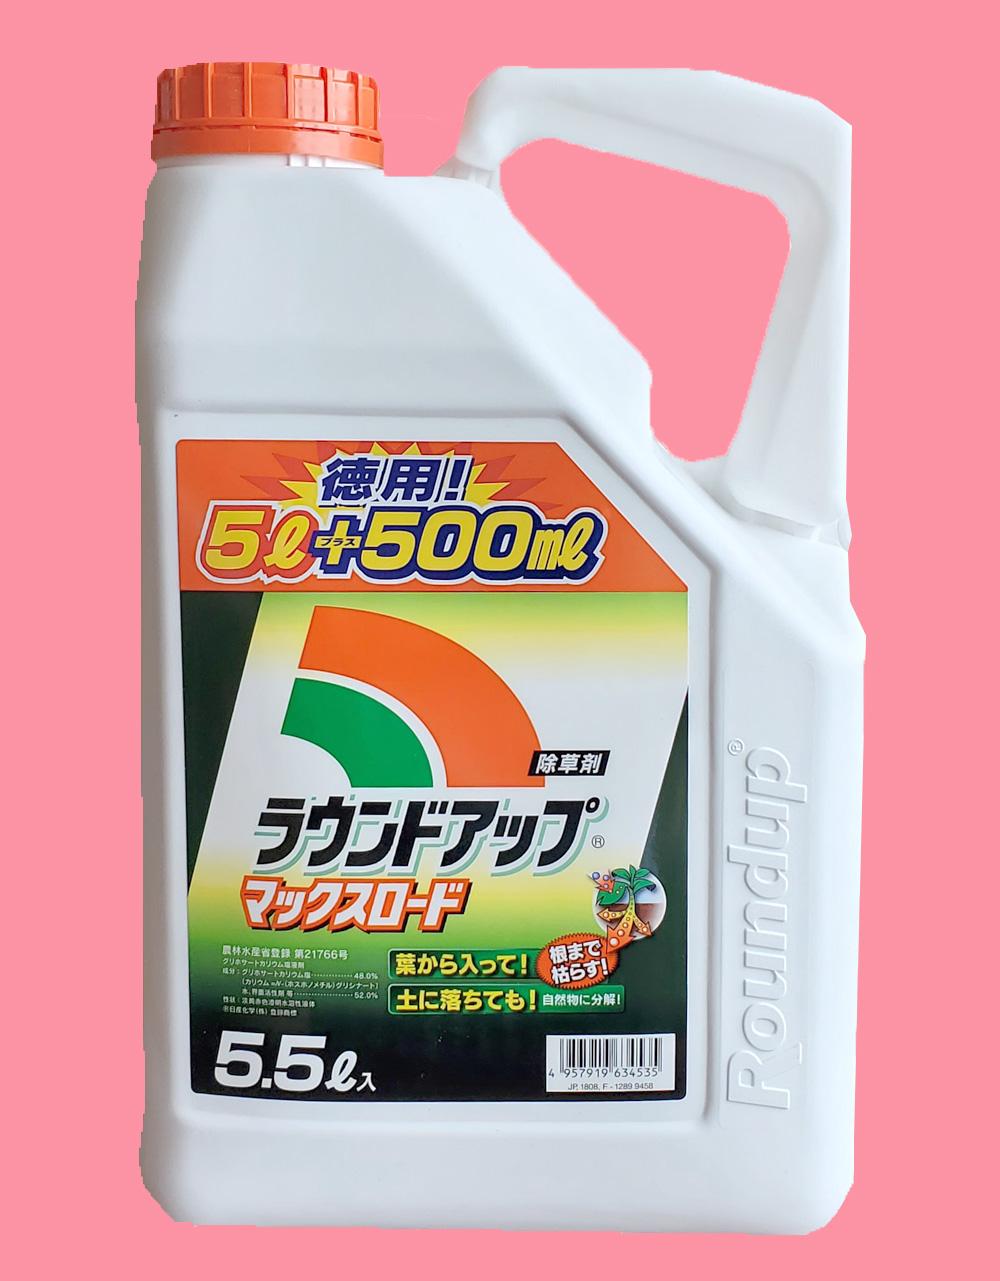 【除草剤】ラウンドアップマックスロード5.5L  【クレジットカードでのお支払い専用】